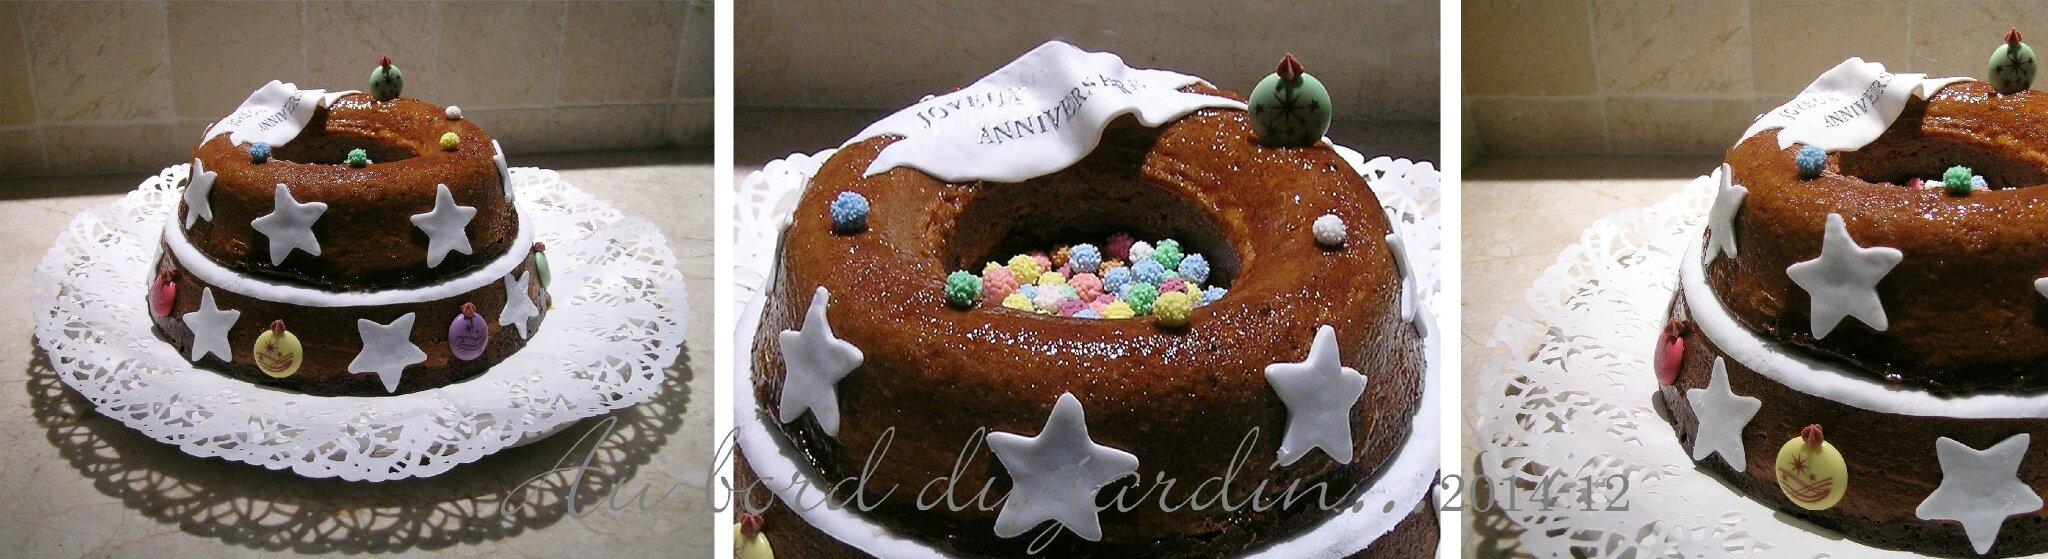 Image de gateau d anniversaire 4 ans les recettes populaires blogue le blog des g teaux - Gateau anniversaire 4 ans ...